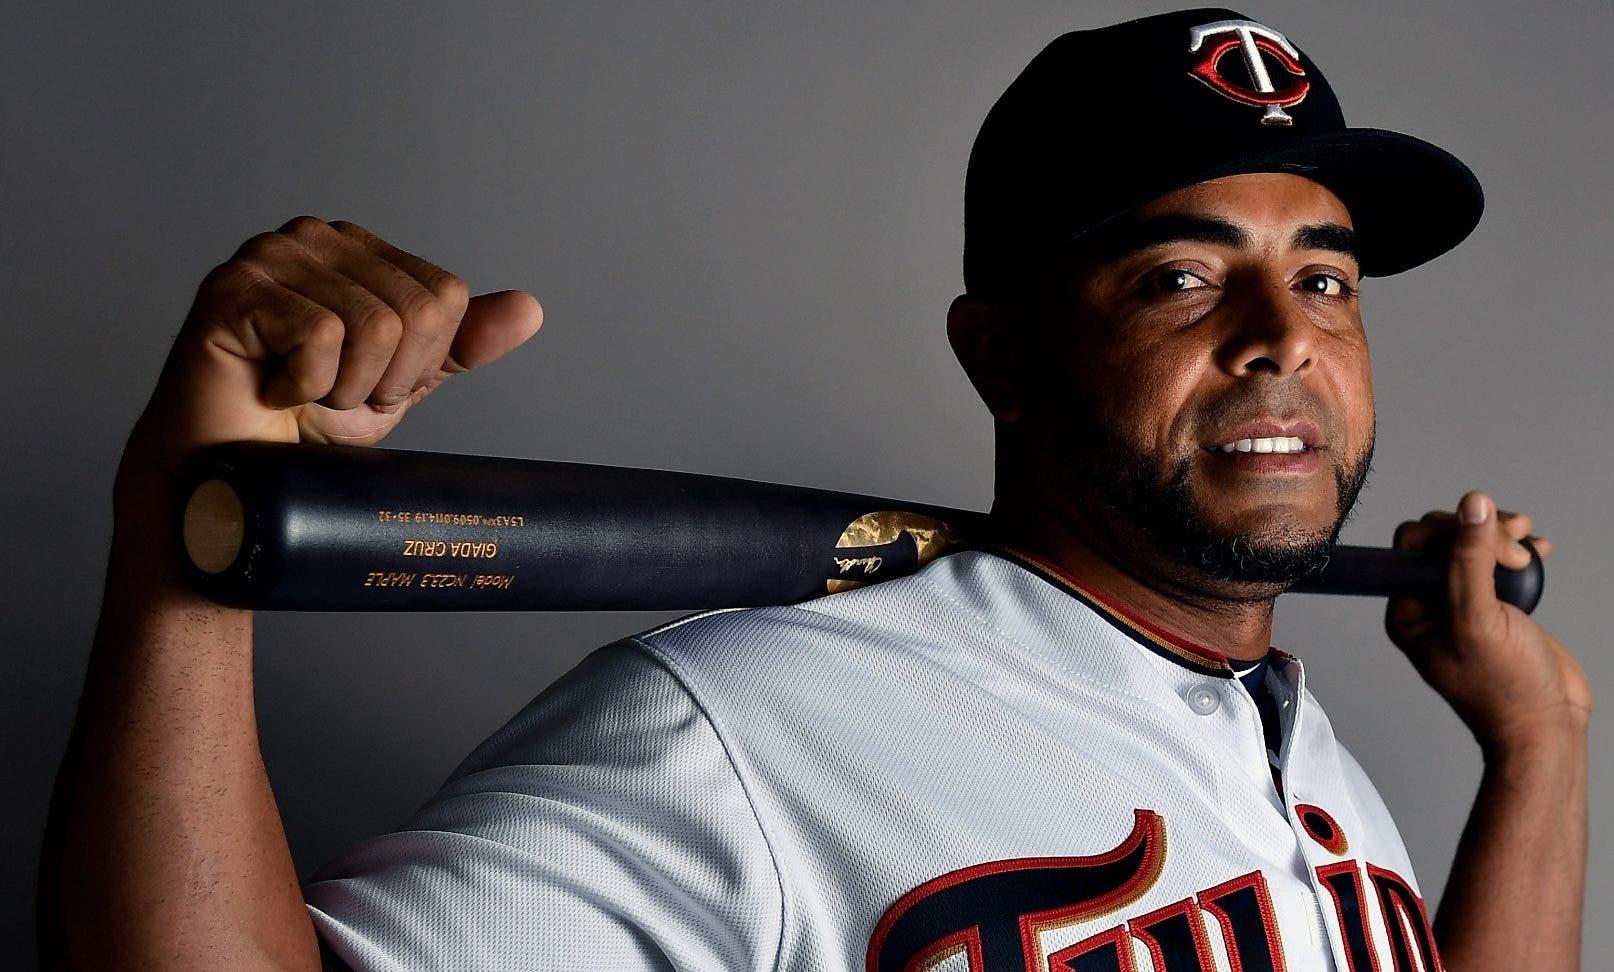 Nelson Cruz está optimista para la campaña que inicia en las Grandes Ligas,  pide salud principalmente.